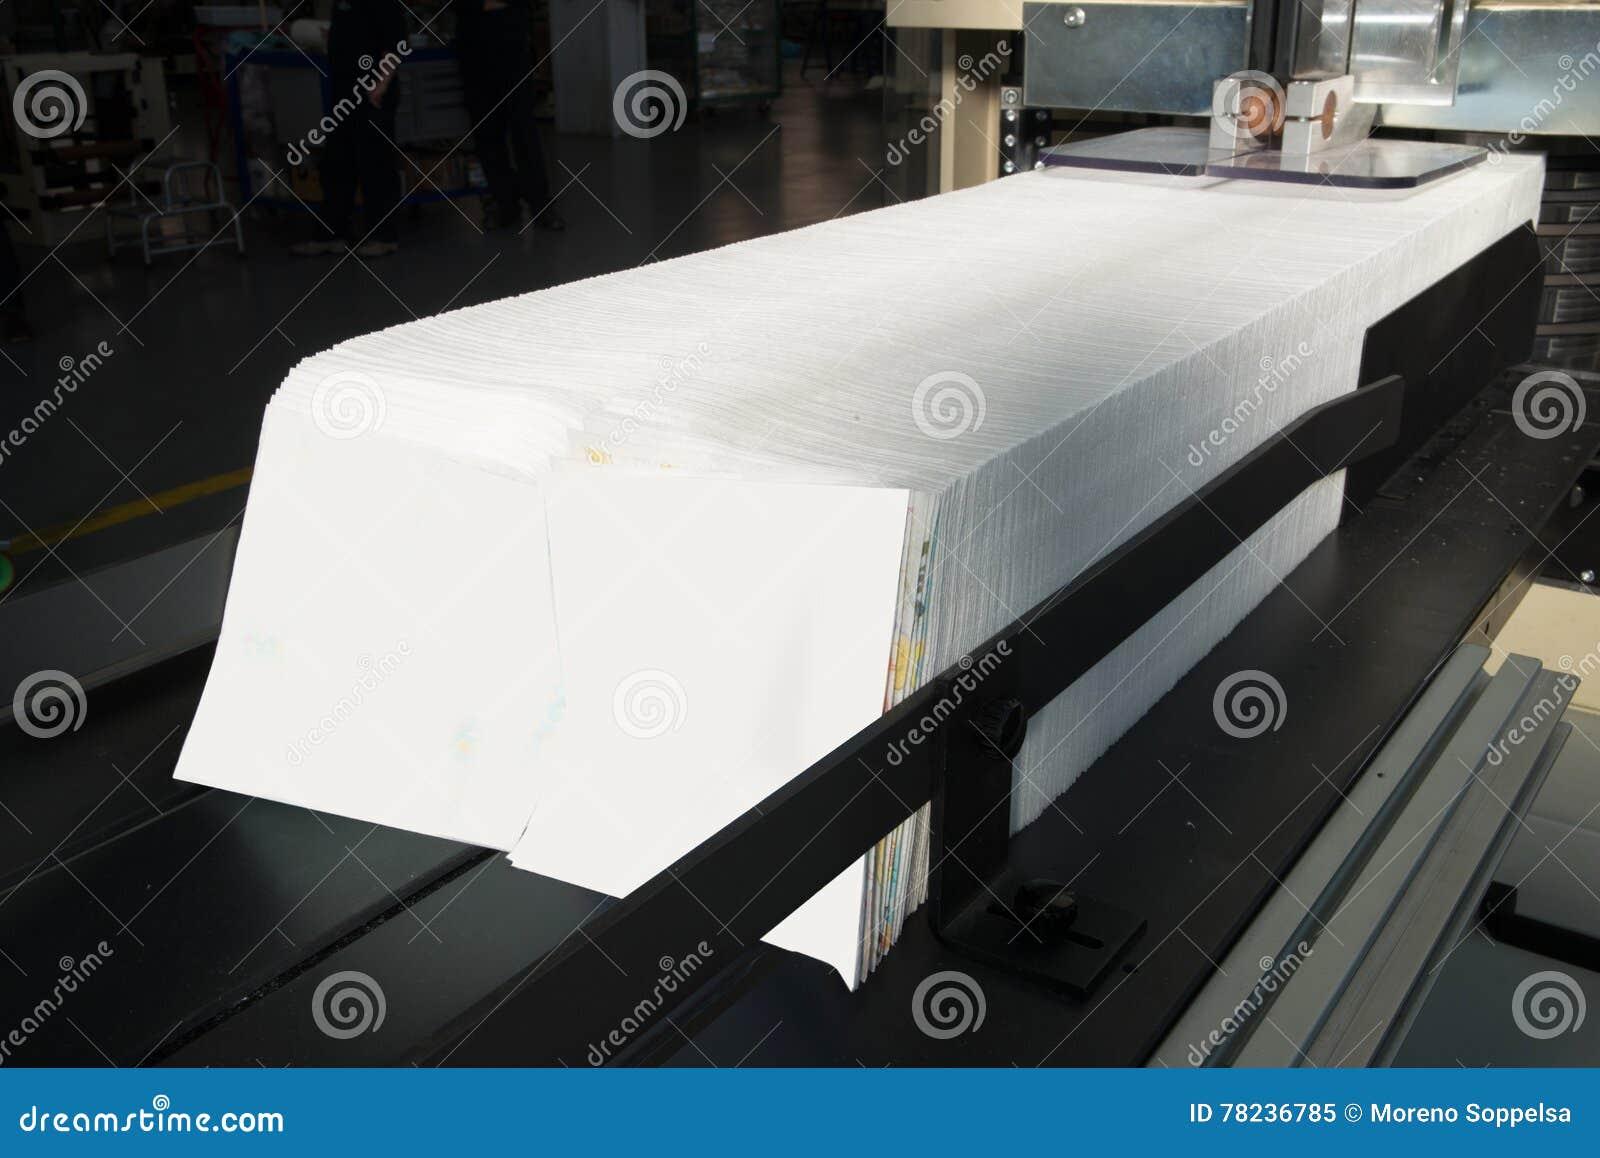 Печатный станок - машина для бумажных салфеток